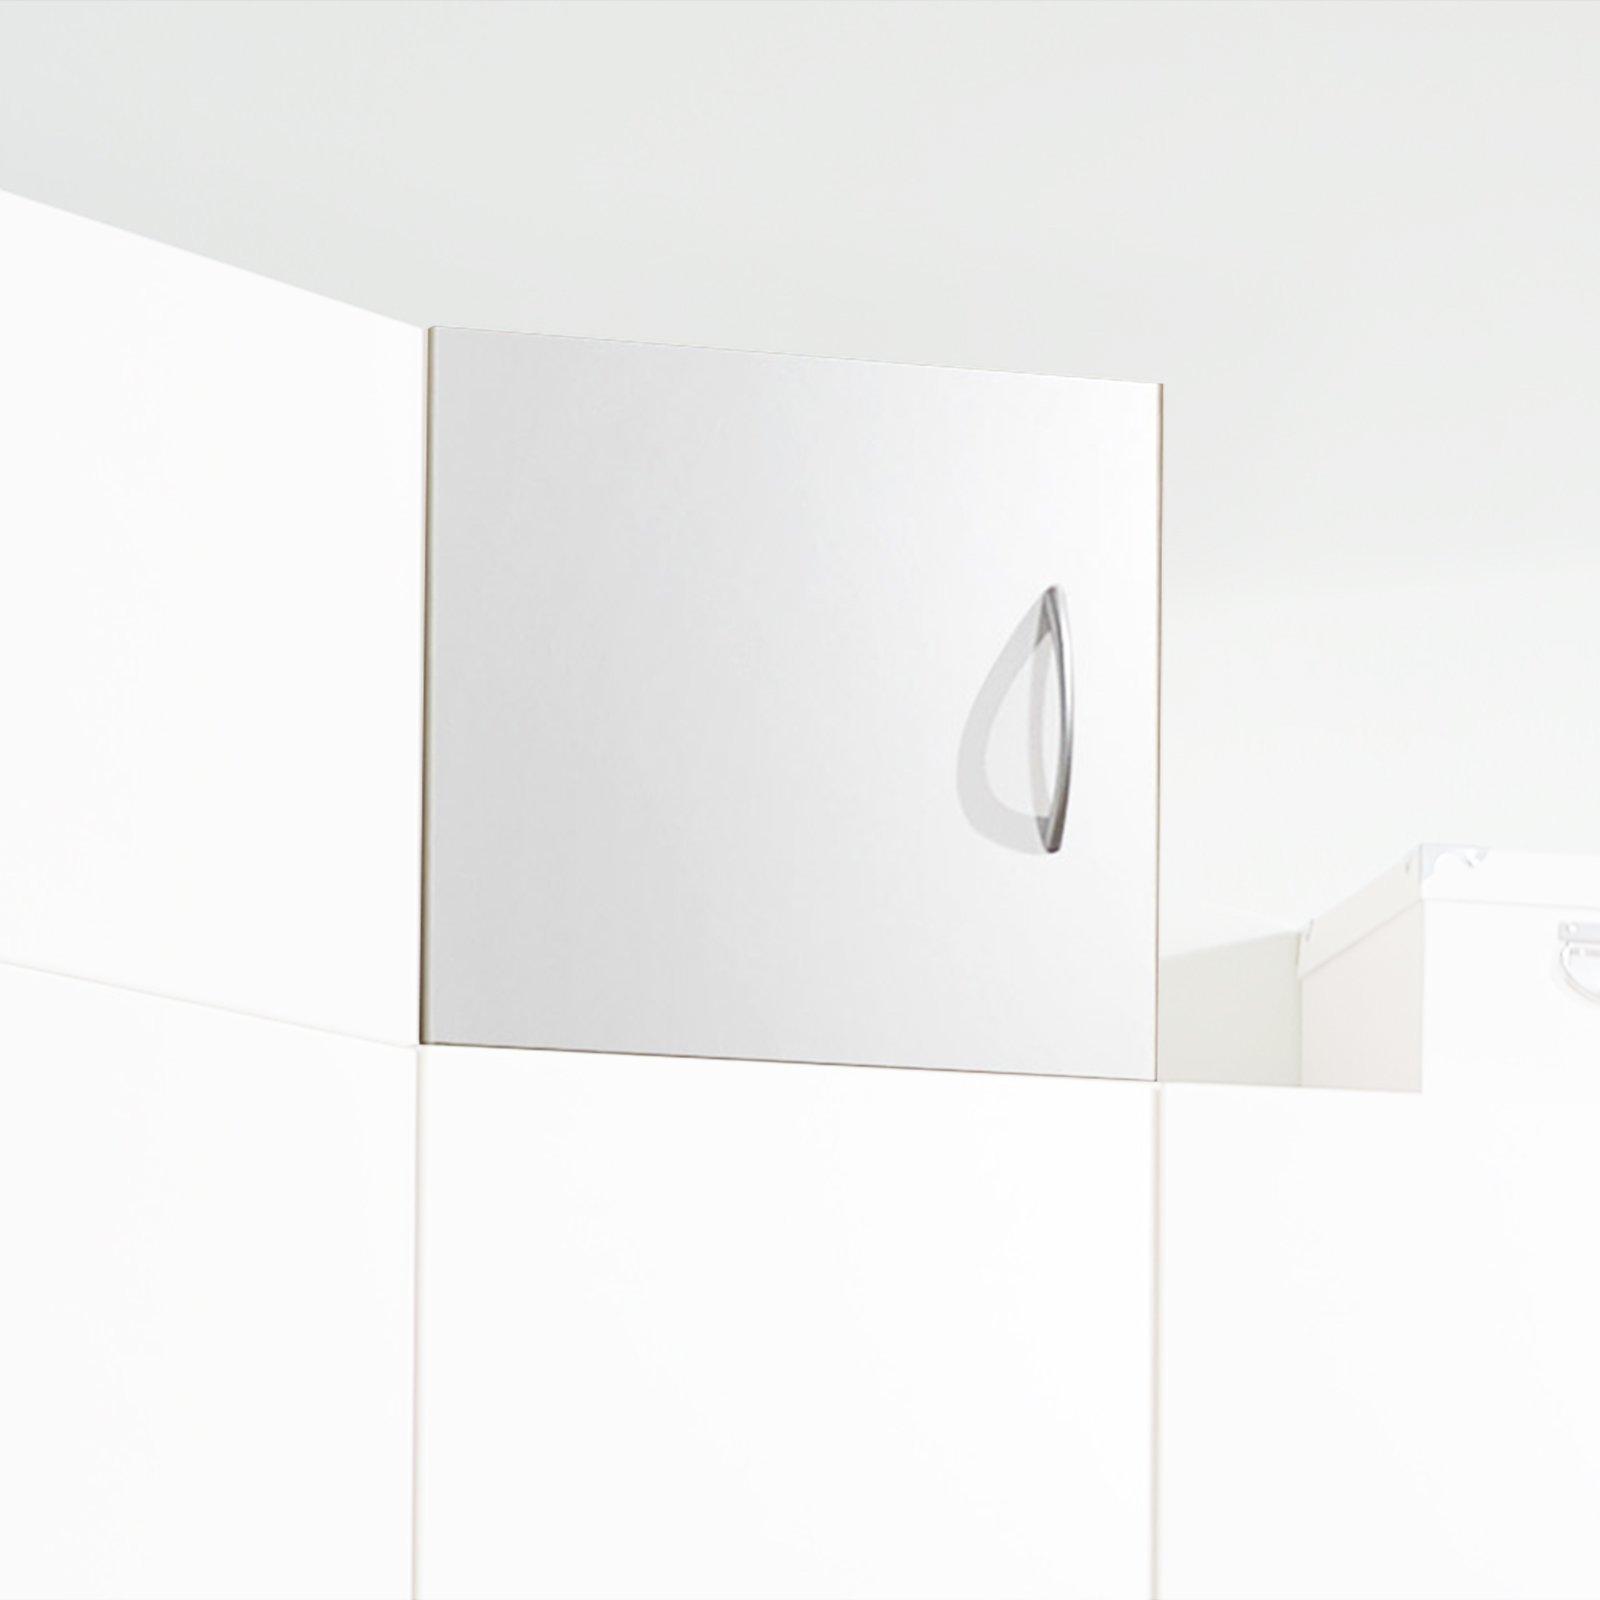 aufsatz multiraumkonzept wei 40x40x40 cm. Black Bedroom Furniture Sets. Home Design Ideas